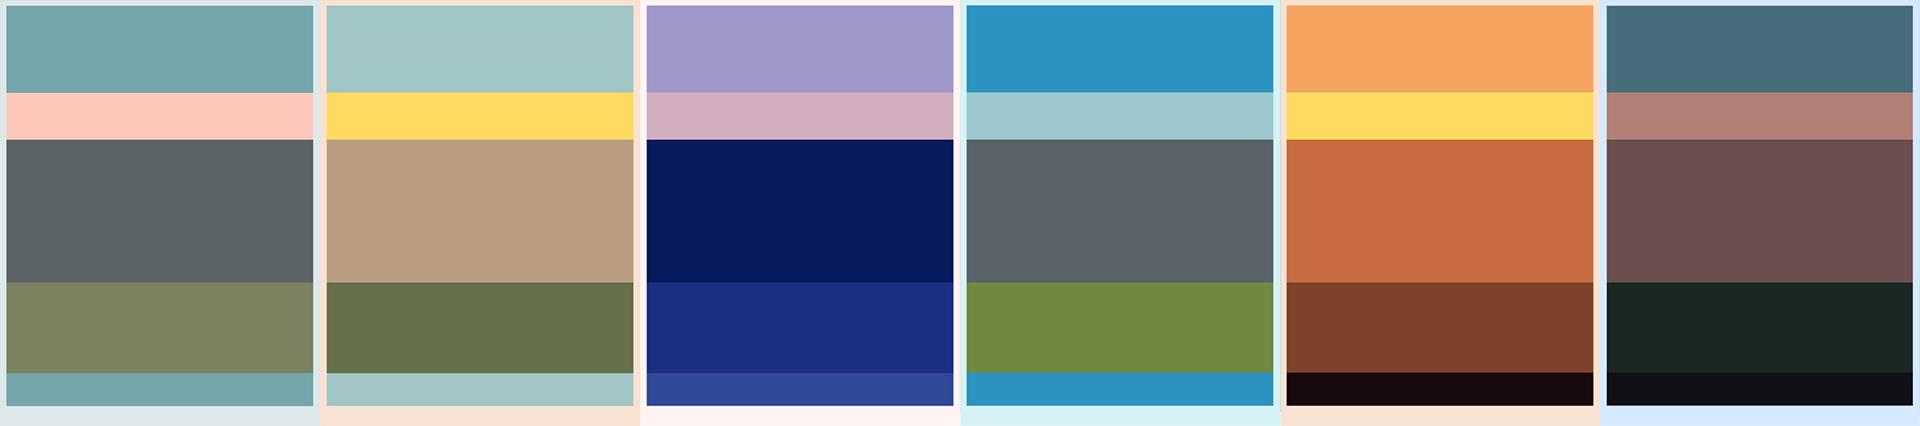 Howl's Moving Castle Color Palette